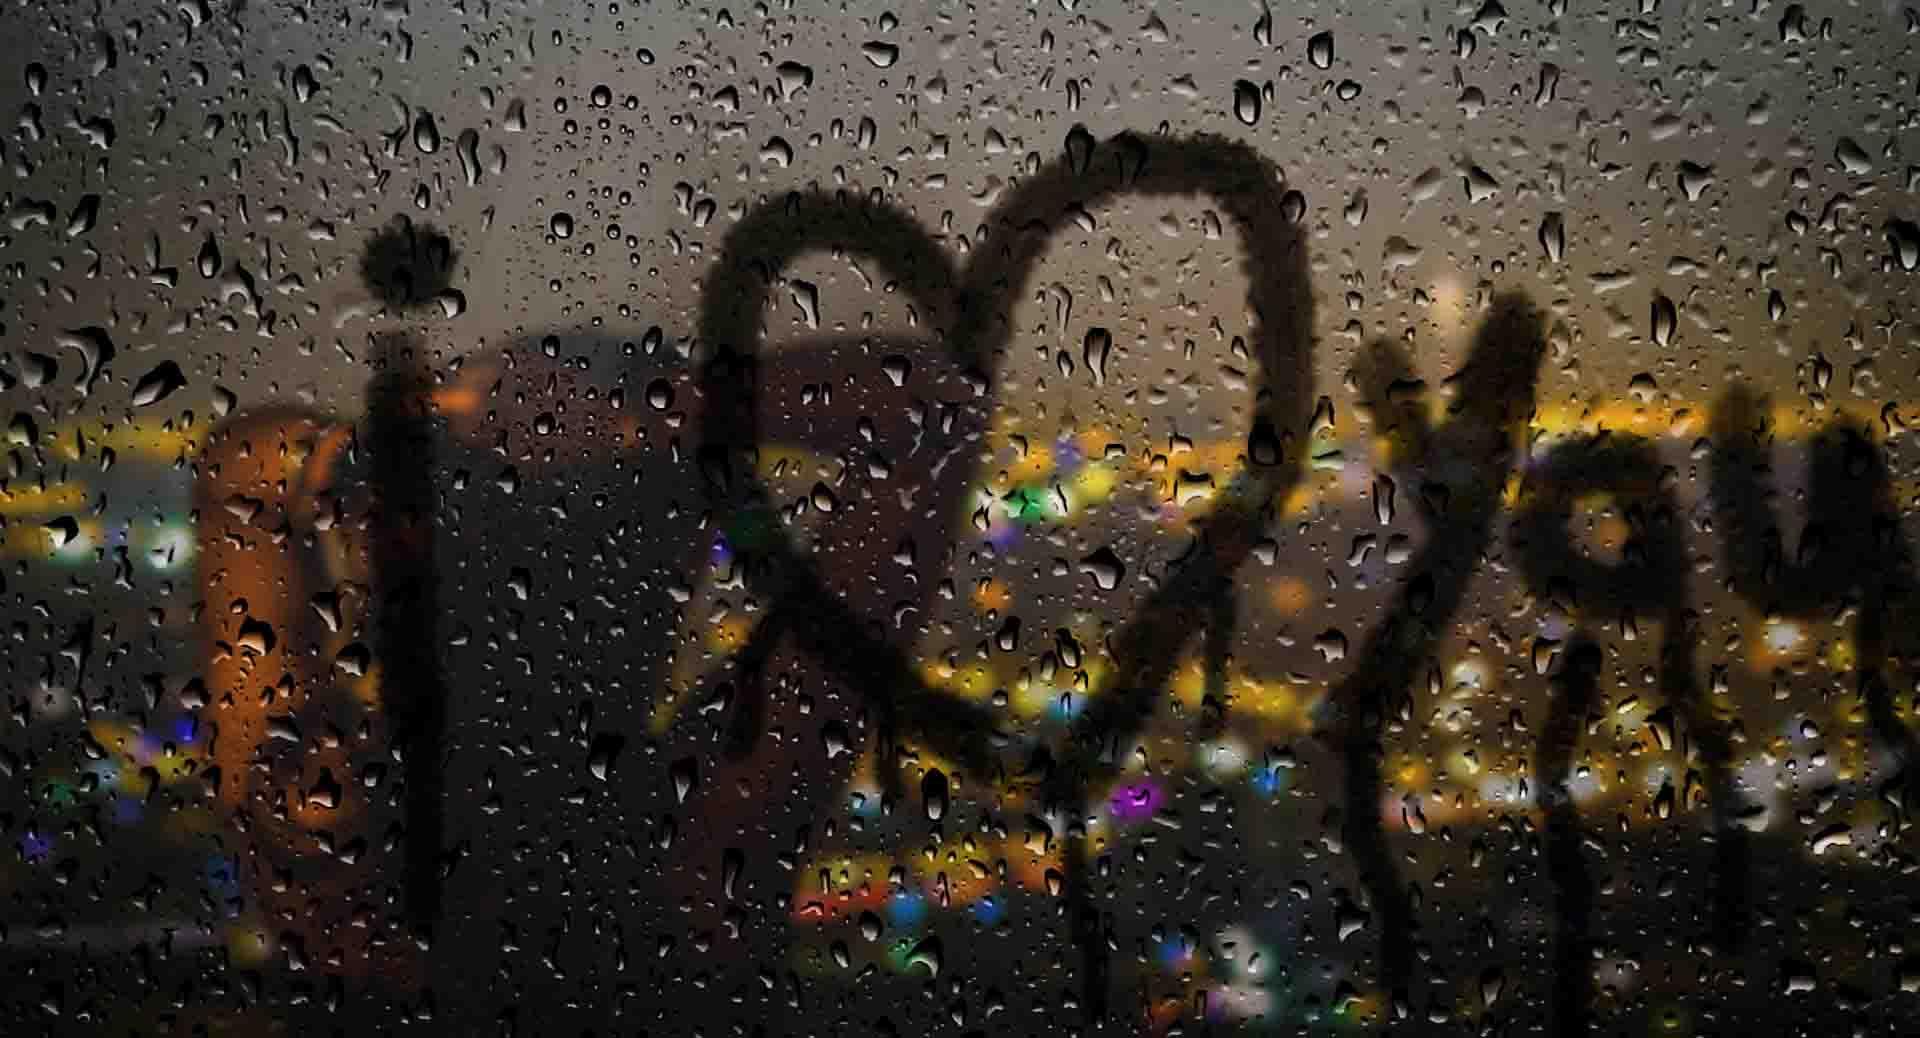 آموزش نوشتن متن روی شیشه بارانی